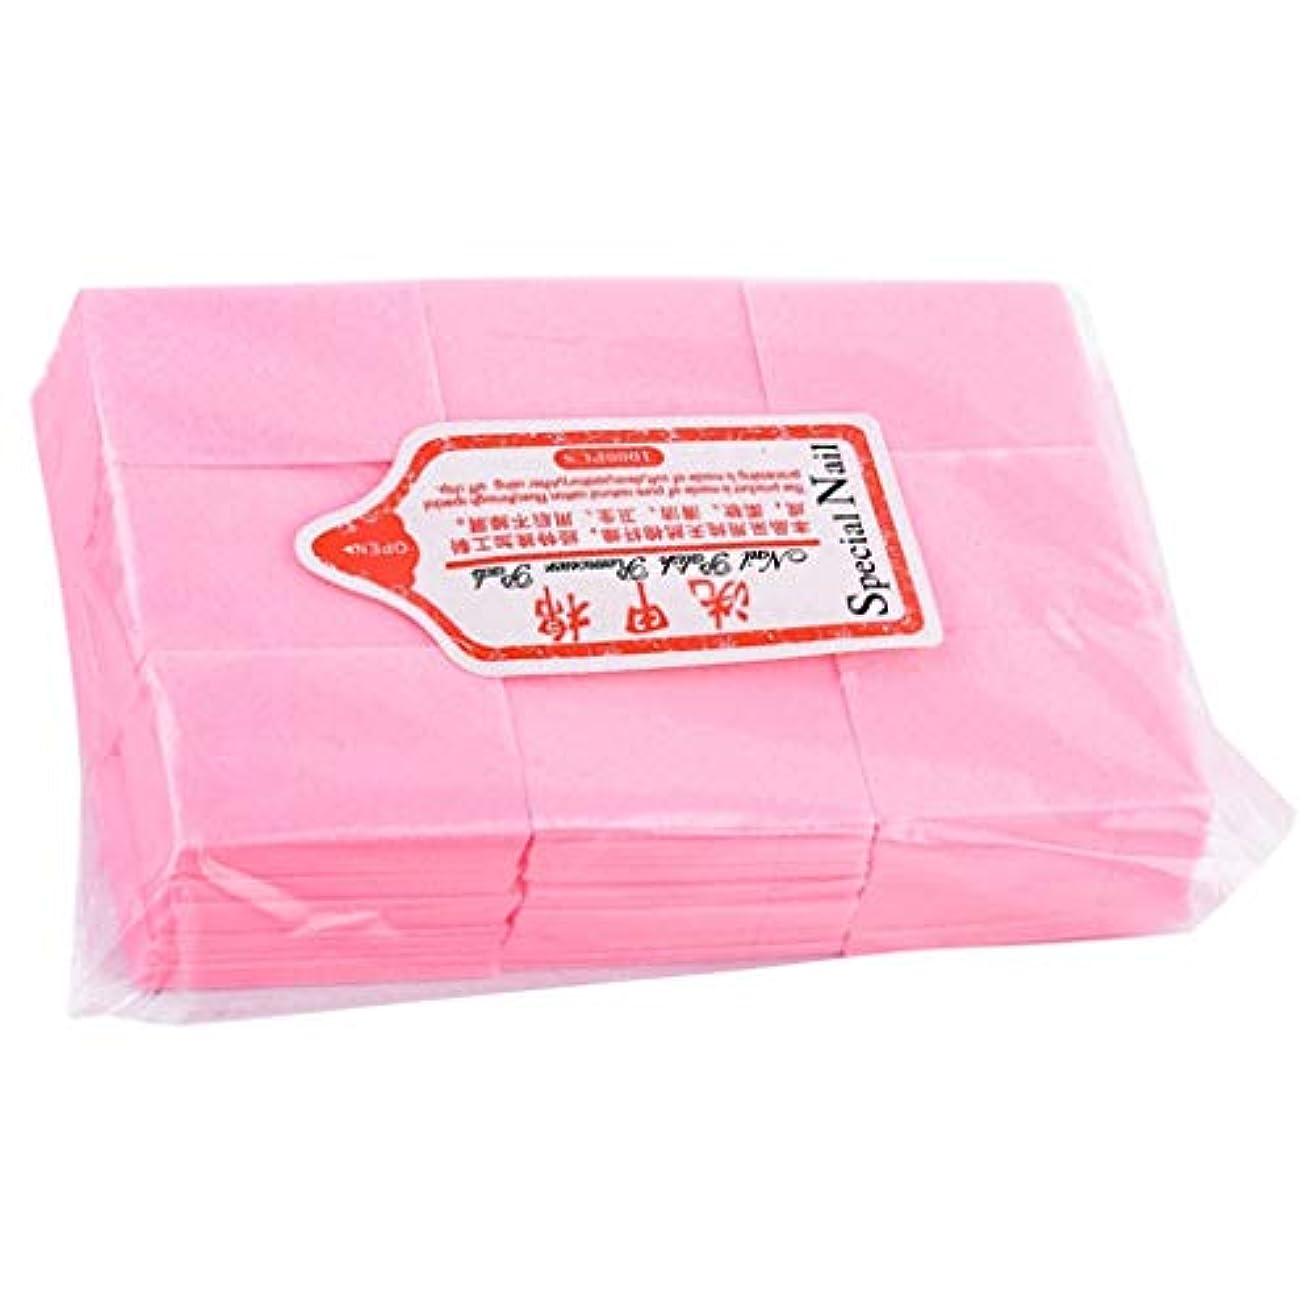 一定誓いつぶすPerfeclan ネイルワイプ コットンパッド 使い捨て ネイルポリッシュリムーバー パッド マニキュア 全4色 - ピンク